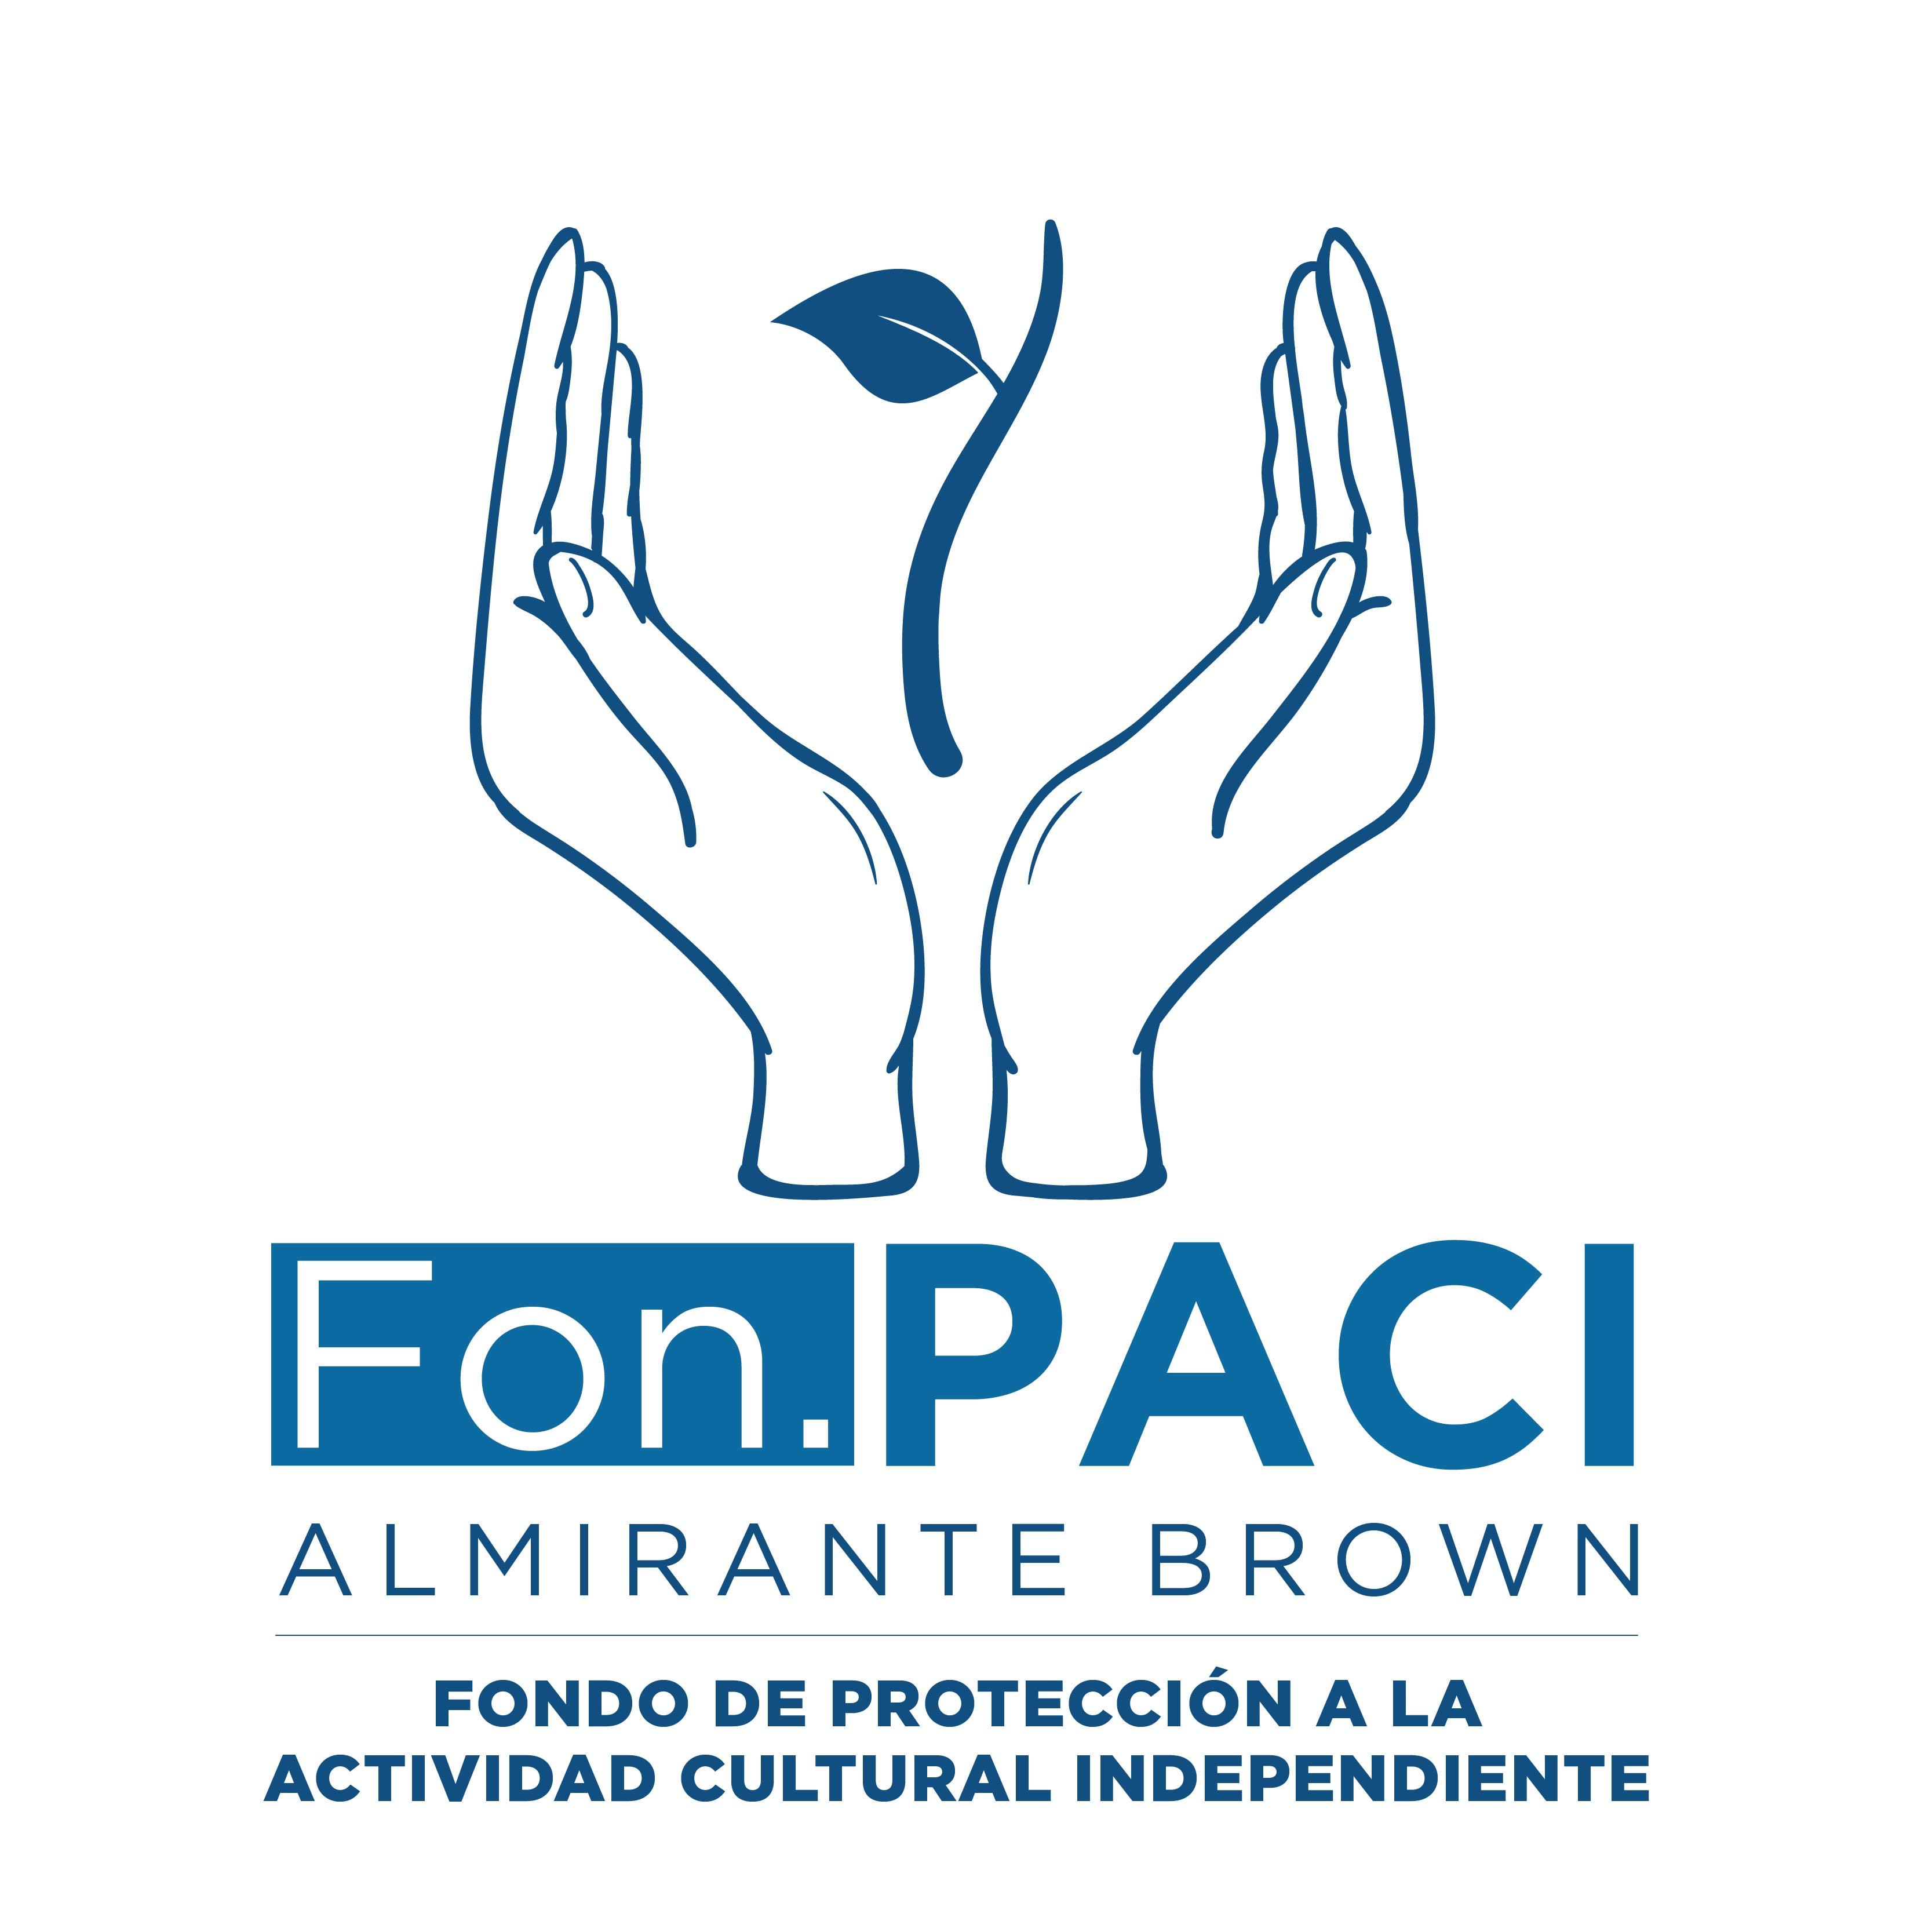 FONDO DE PROTECCION A LA ACTIVIDAD CULTURAL INDEPENDIENTE ALMIRANTE BROWN